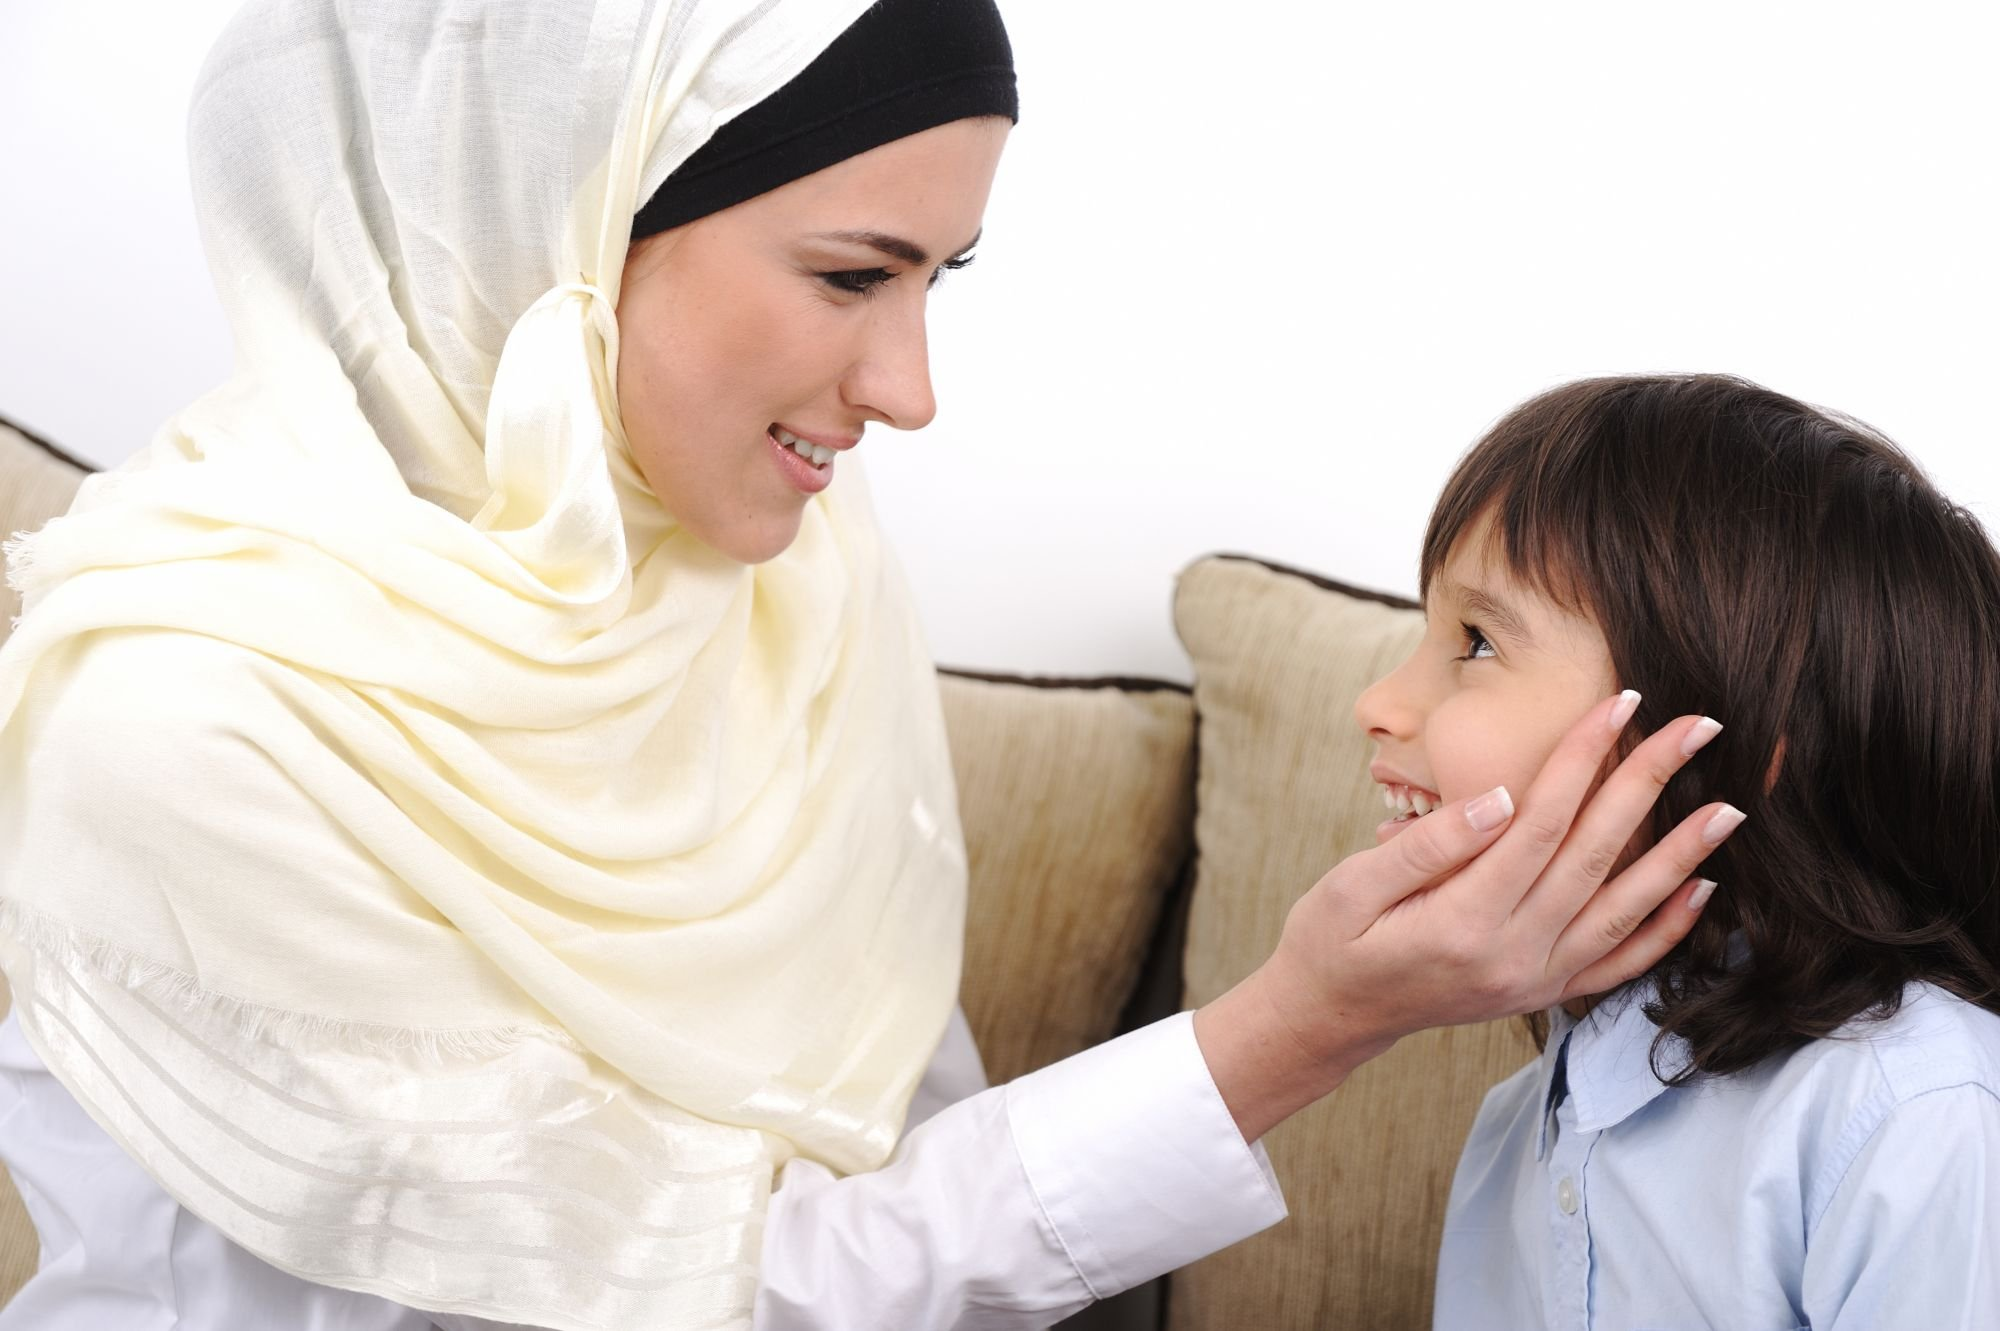 Een vrouw legt haar hand liefdevol op de wang van een kind